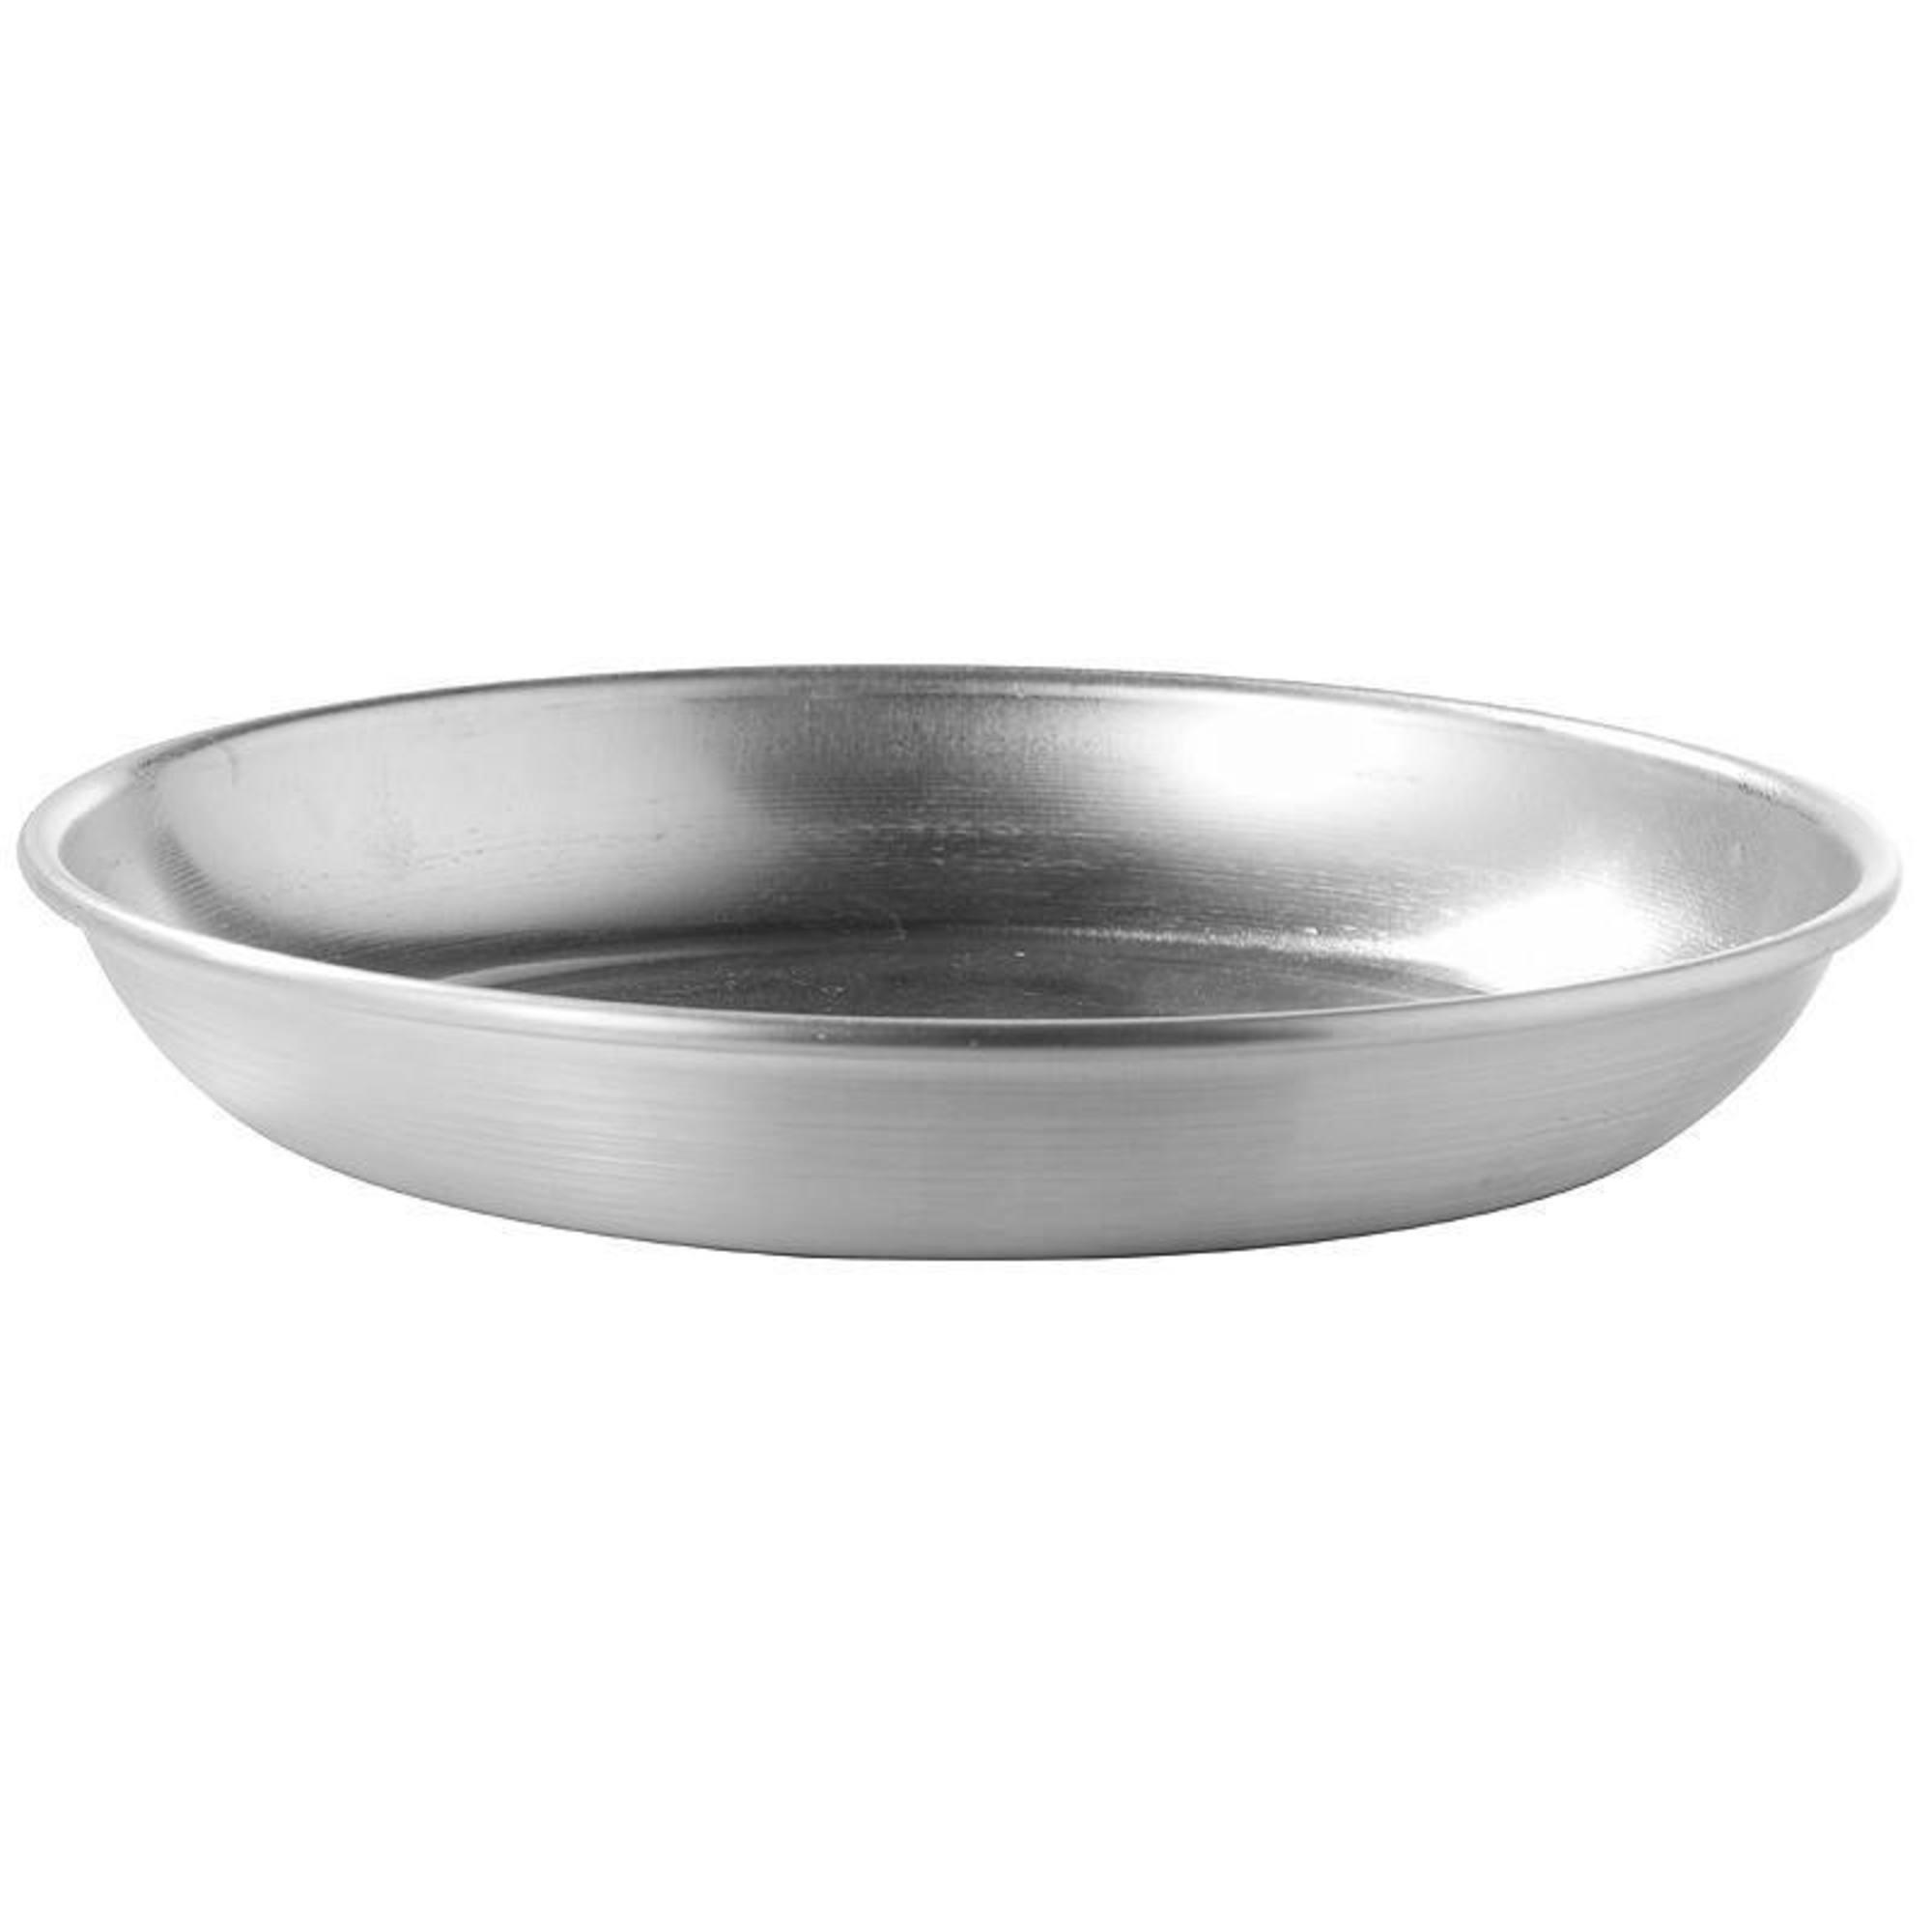 Assiette plate camp du randonneur aluminium